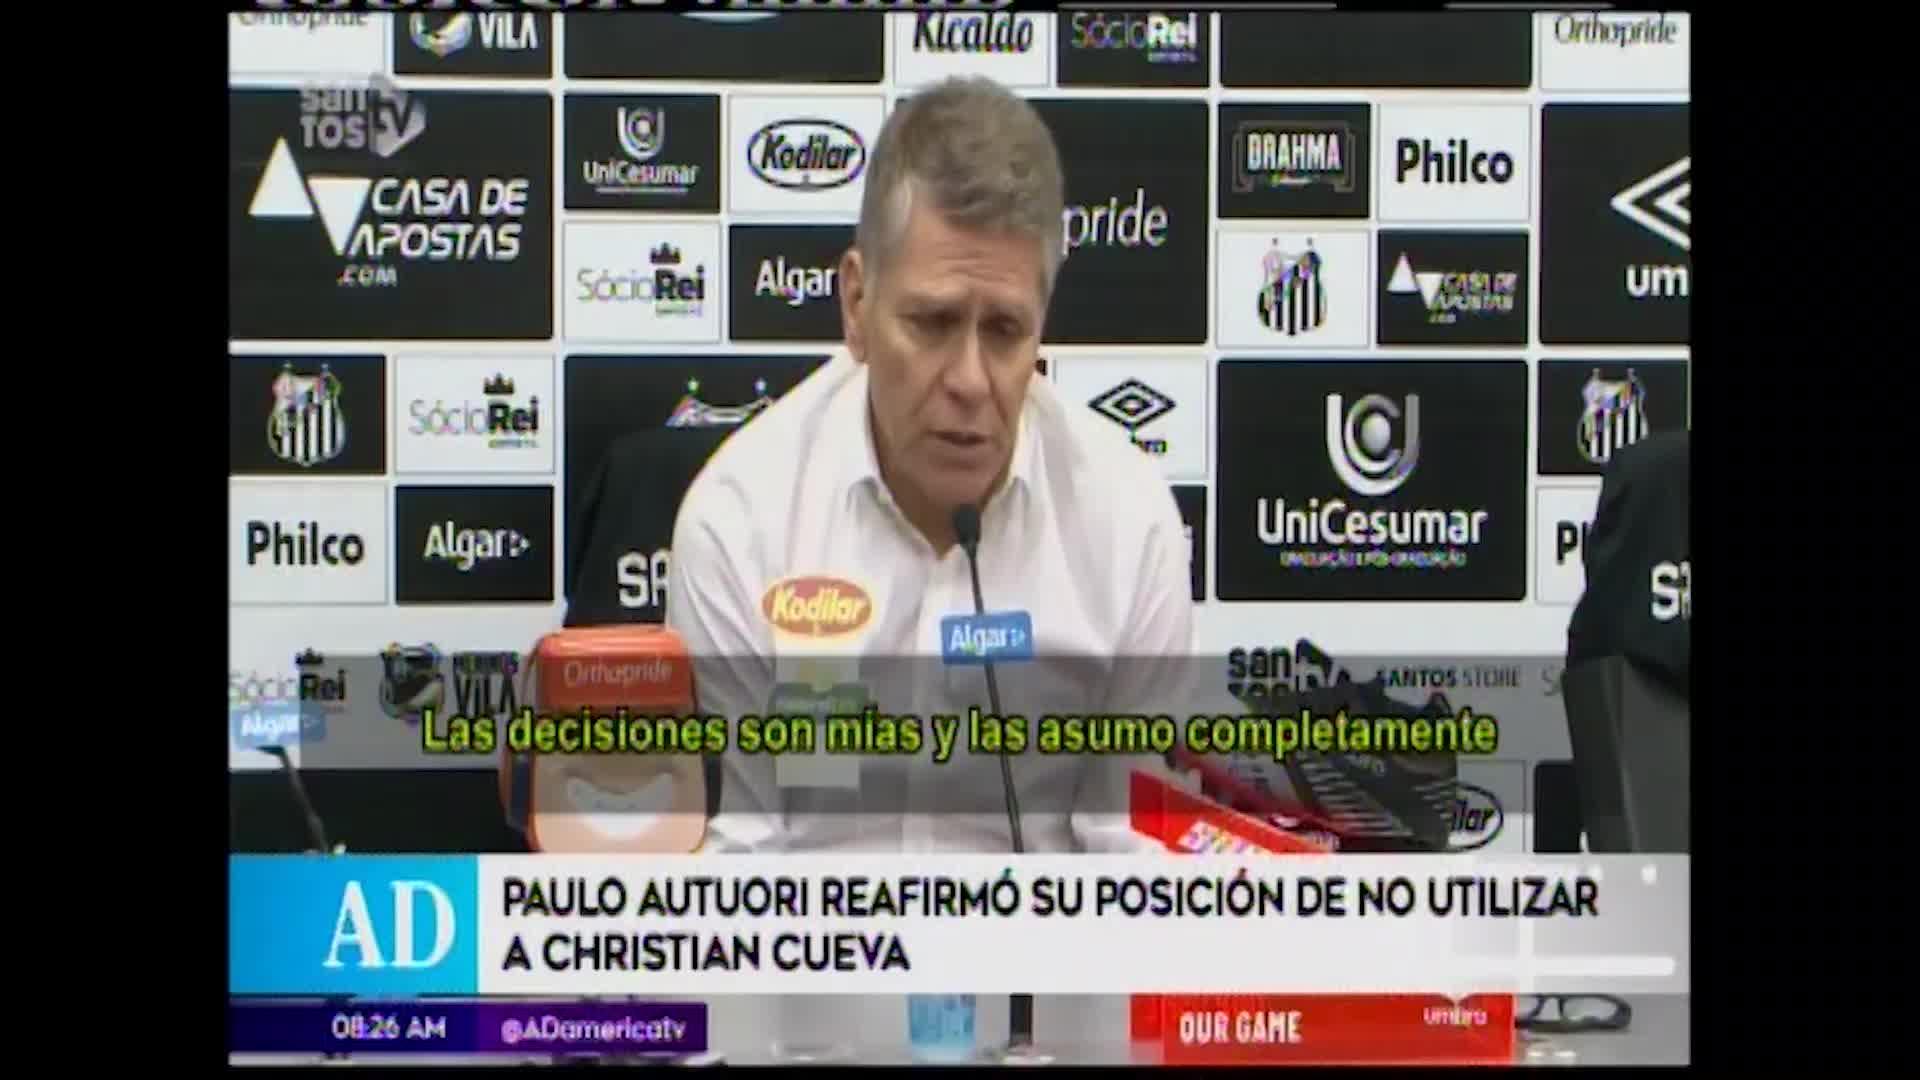 Paulo Autori reafirma que Christian Cueva no jugará más en lo que resta del año